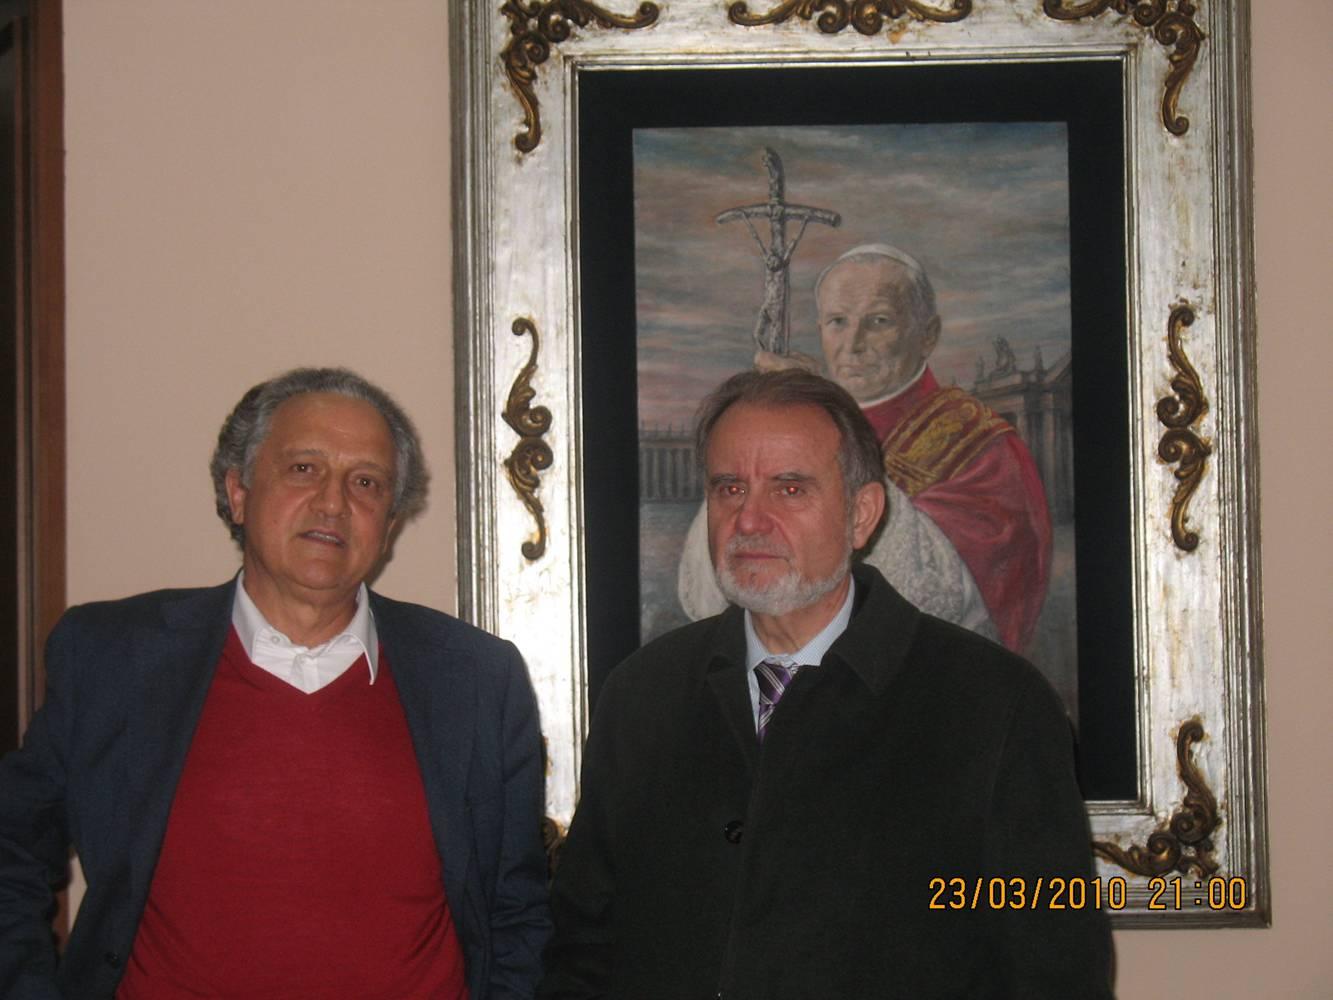 http://associazioneamec.com/amec/images/foto/Immagine4.jpg